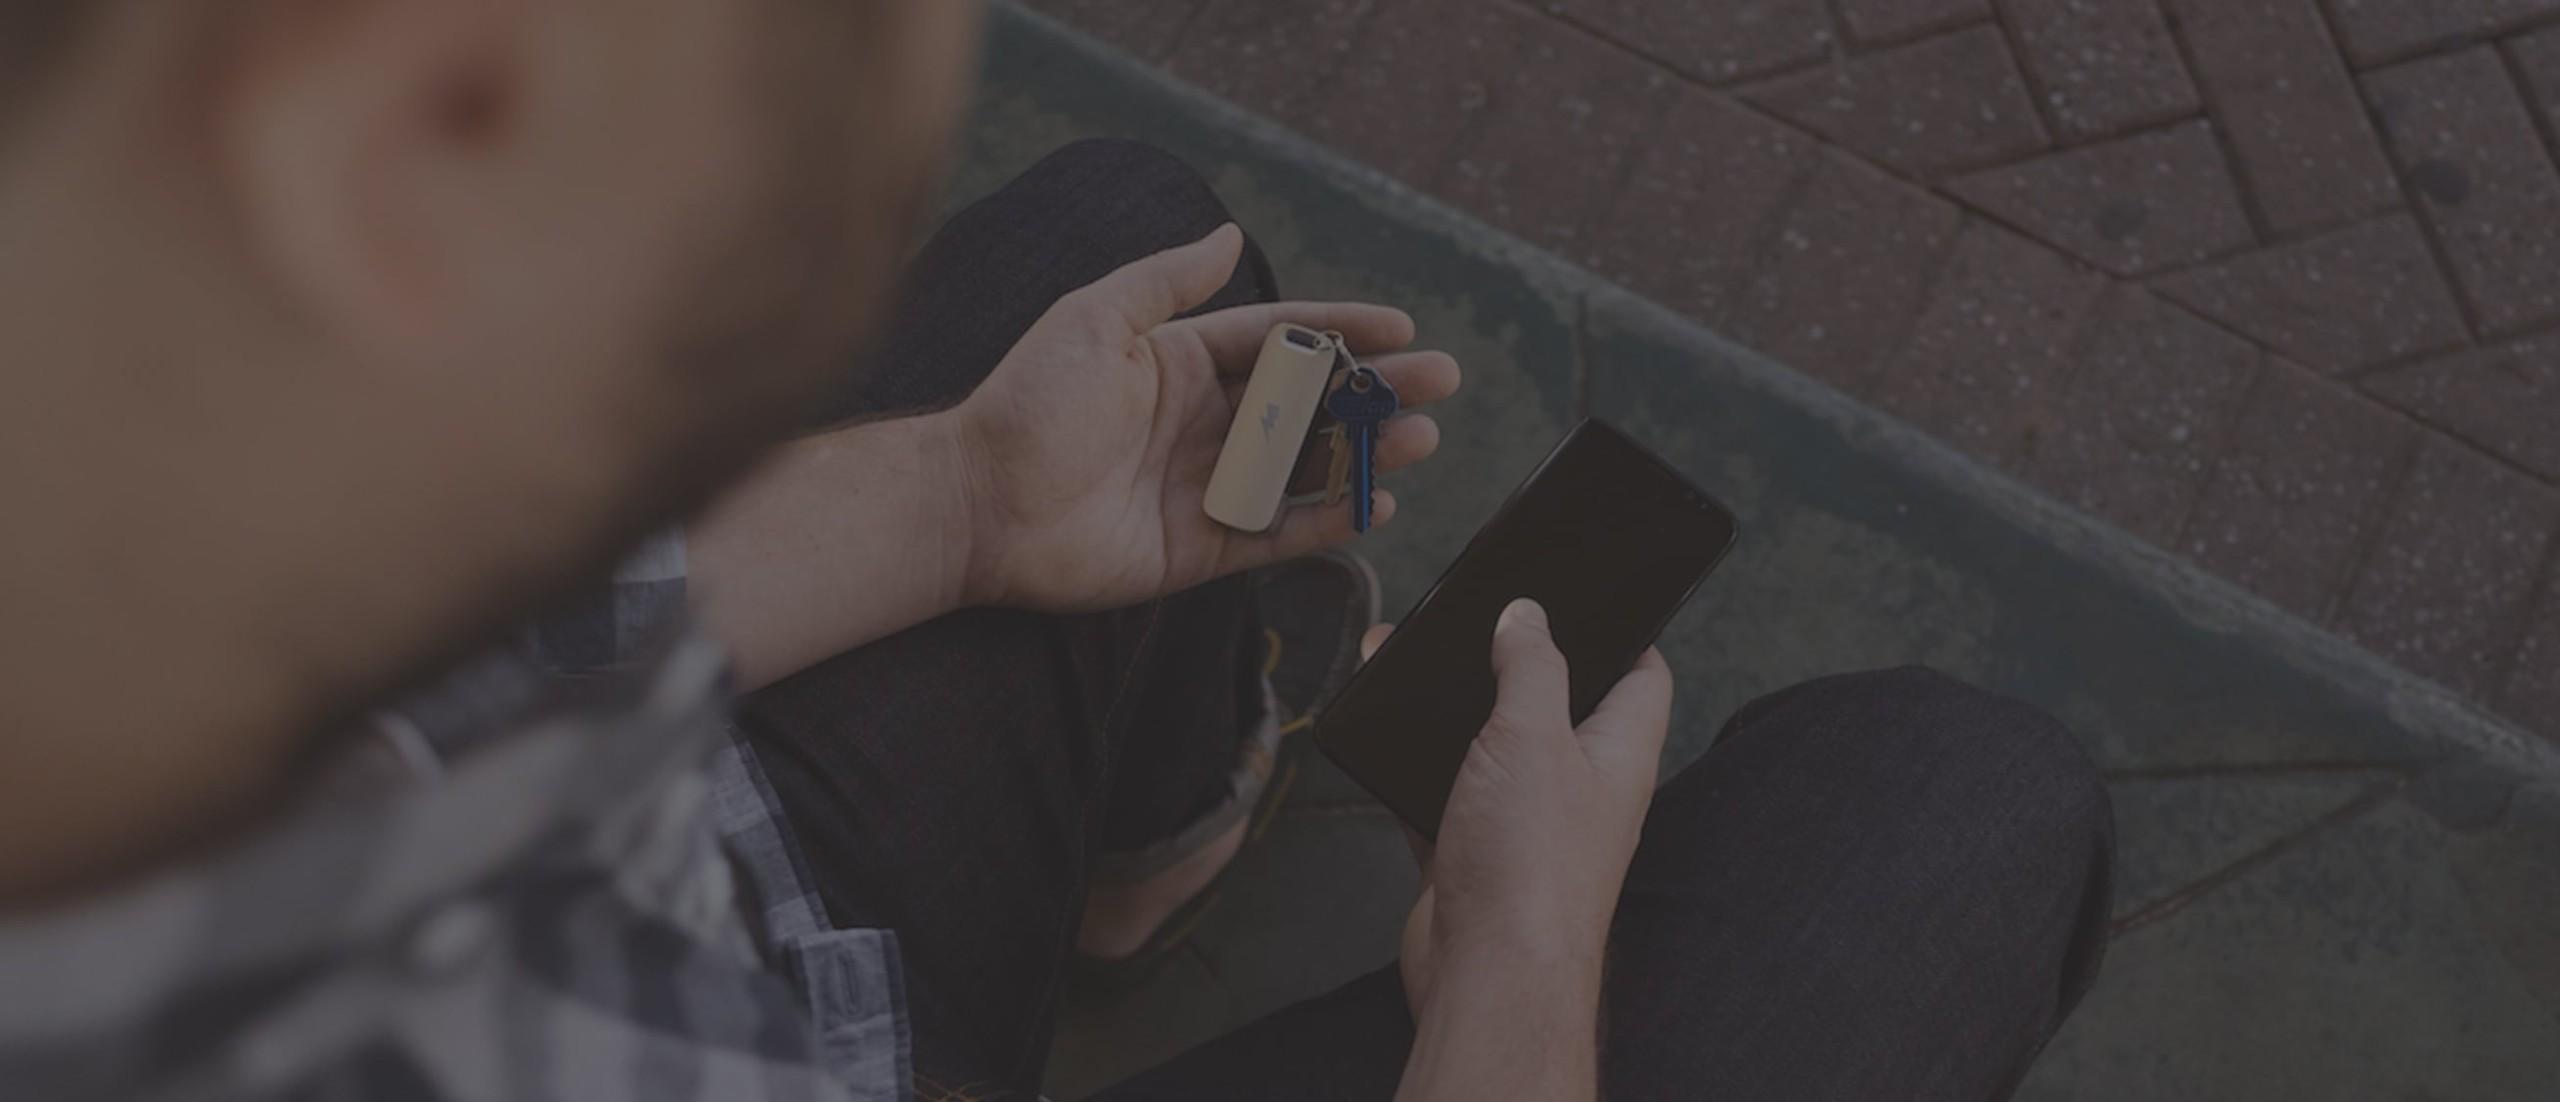 SideKick Smartphone Backup and Charger